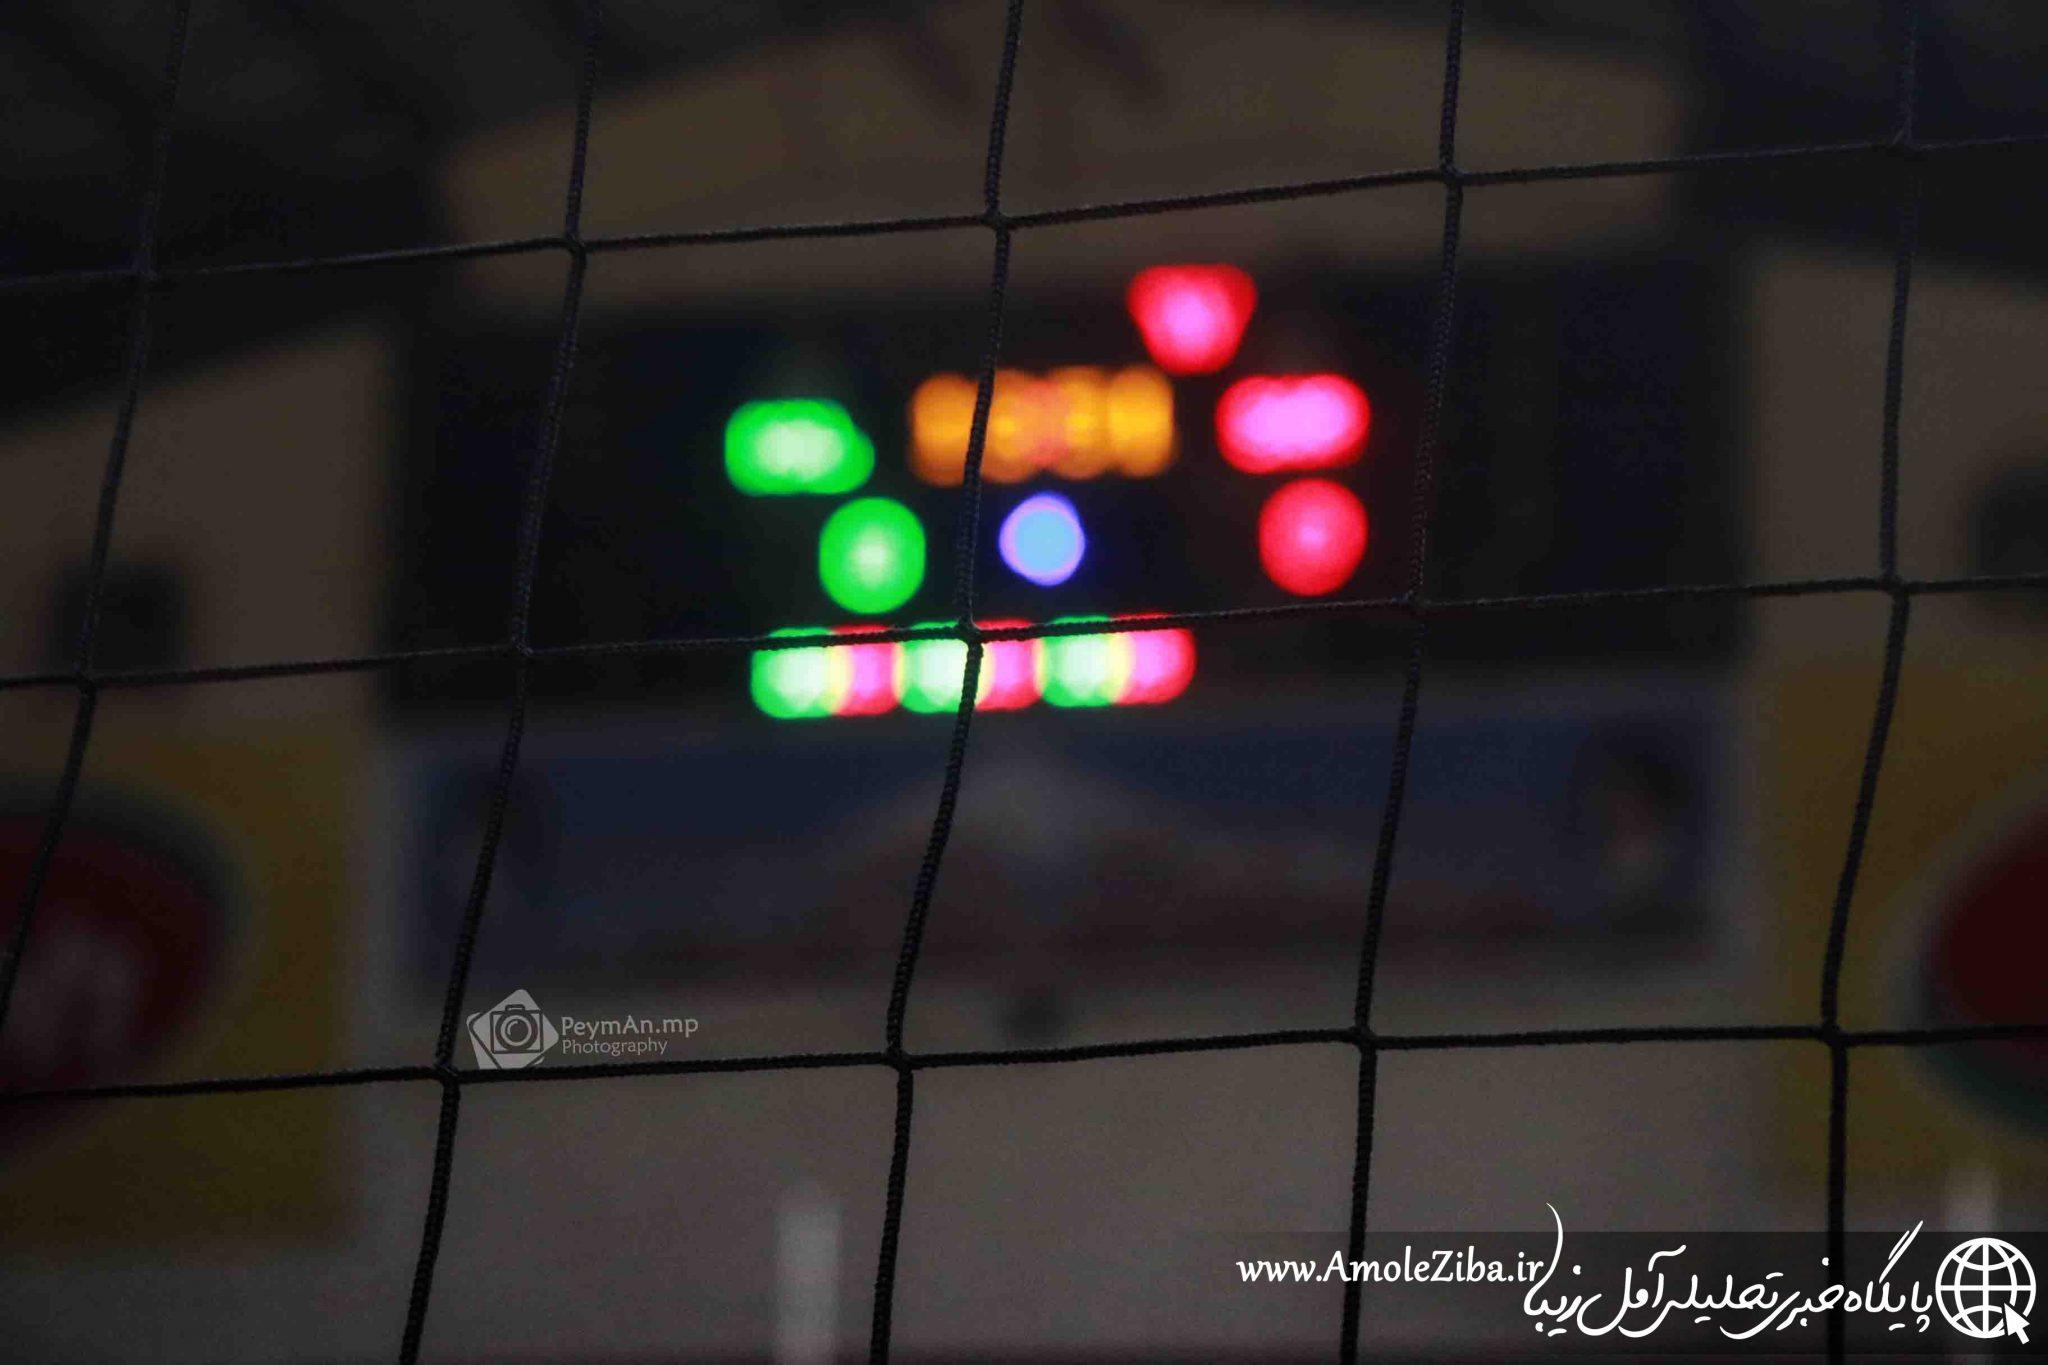 گزارش تصویری بازی کاله آمل و سارویه ساری